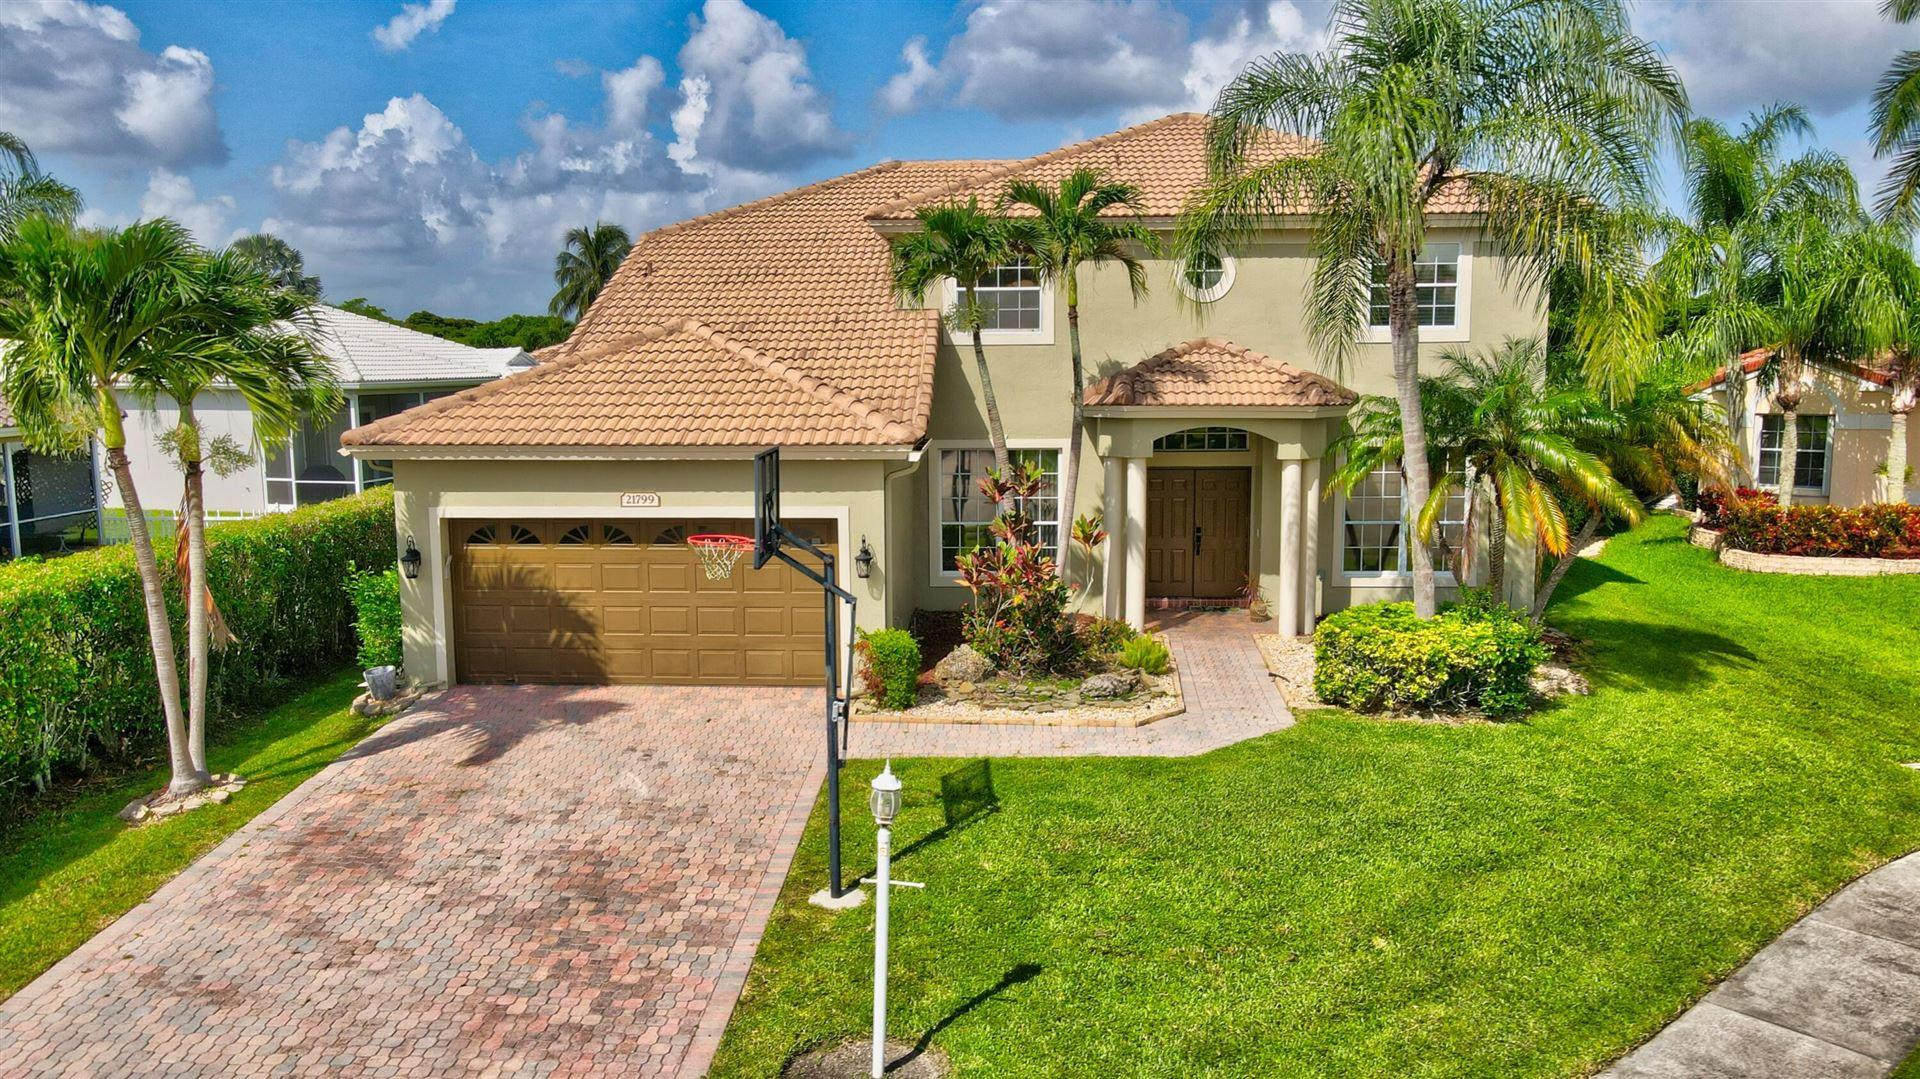 21799 Sugarberry Circle, Boca Raton, FL 33428 - #: RX-10725285